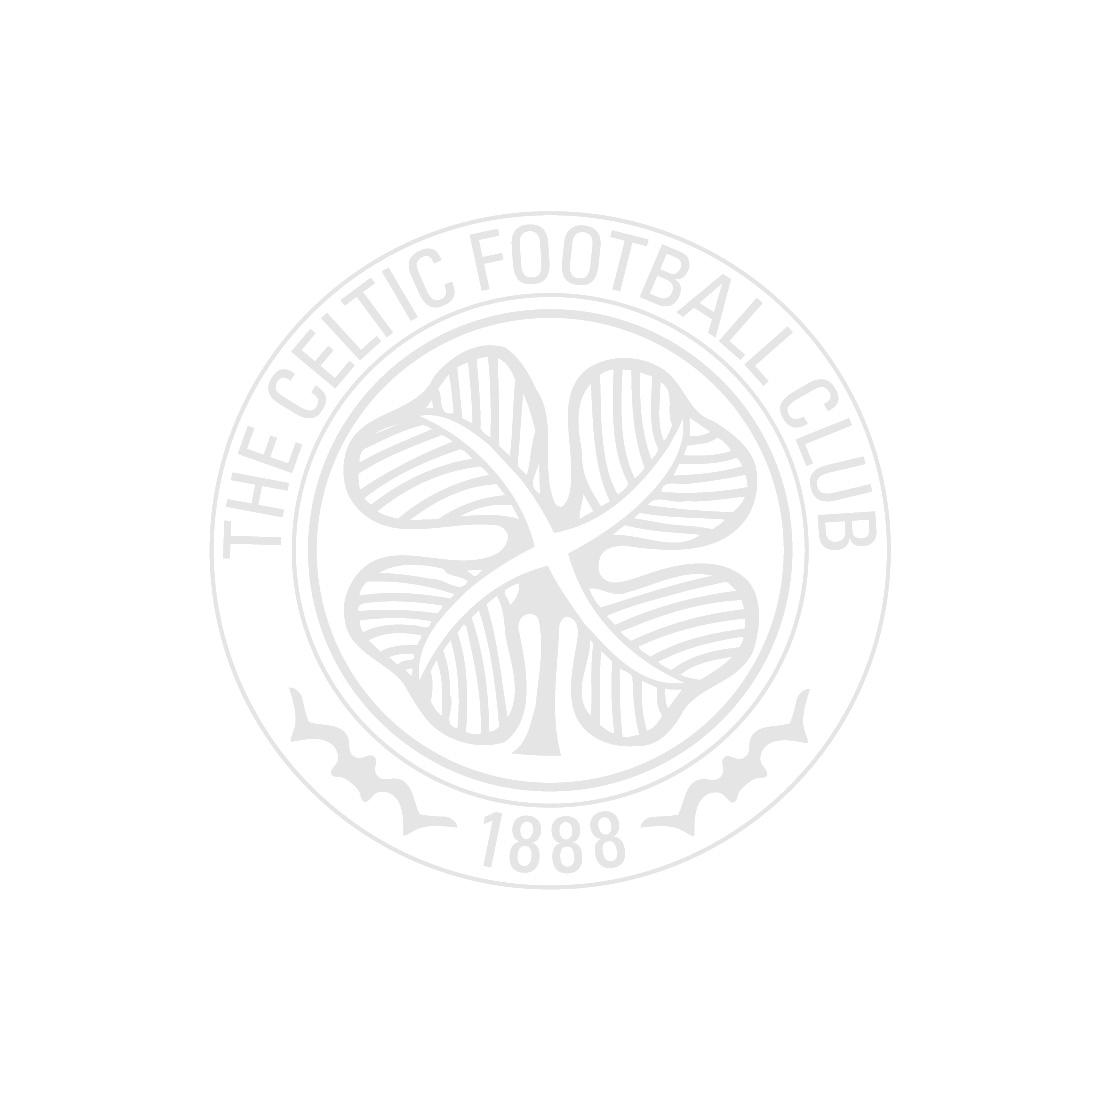 1988 Celtic Crest Glencairn Glass